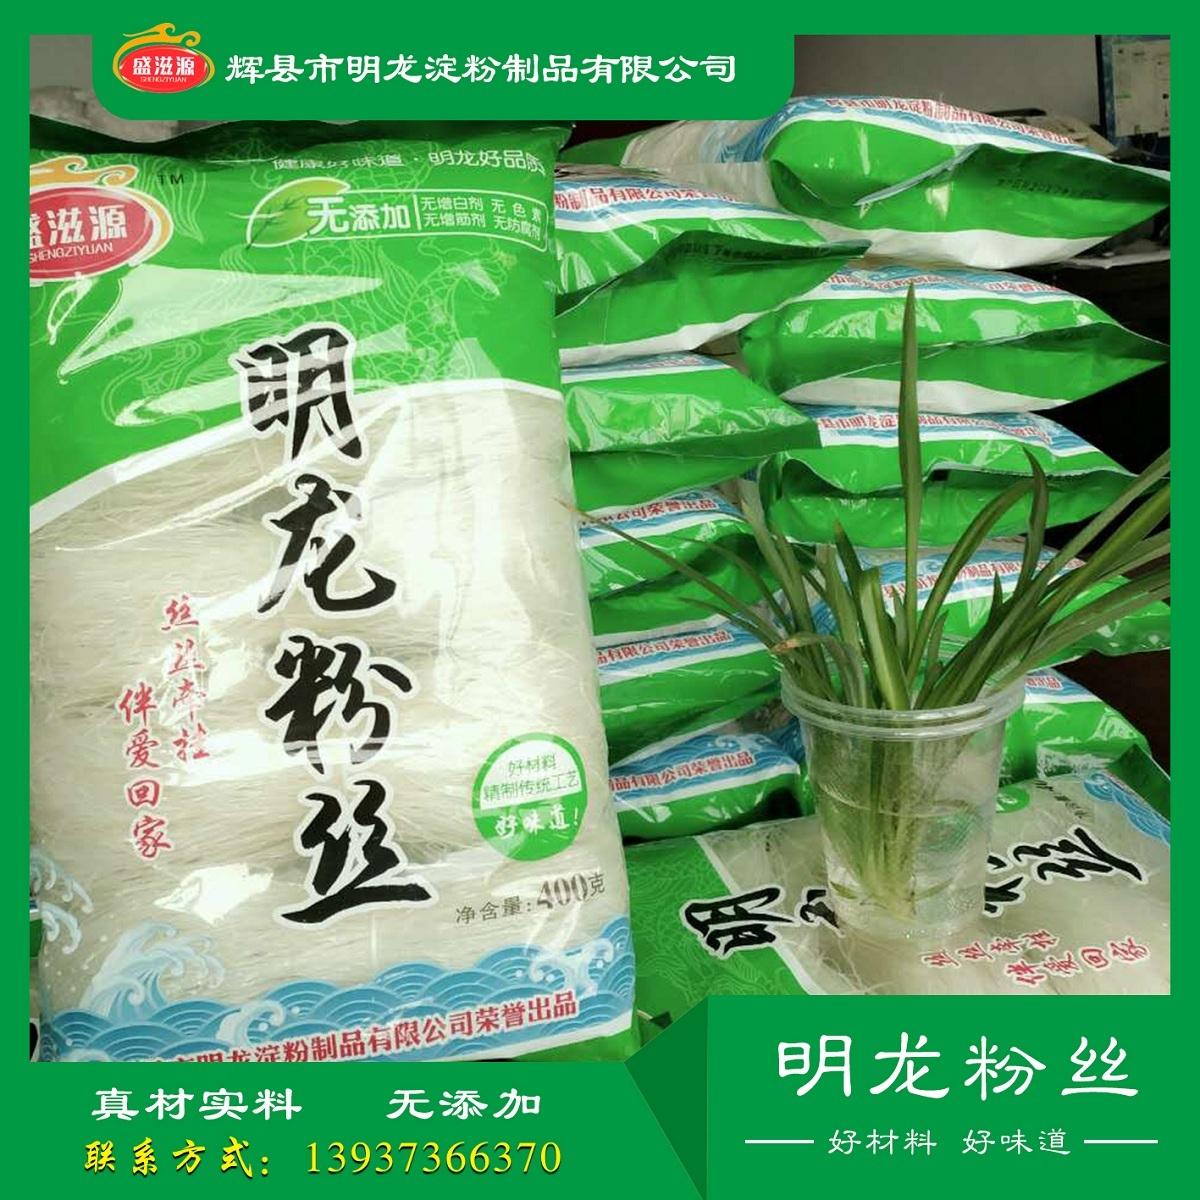 厂家直销 明龙粉丝绿色食品180g 纯天然无添加 火锅凉拌 优质粉丝 优质淀粉粉丝